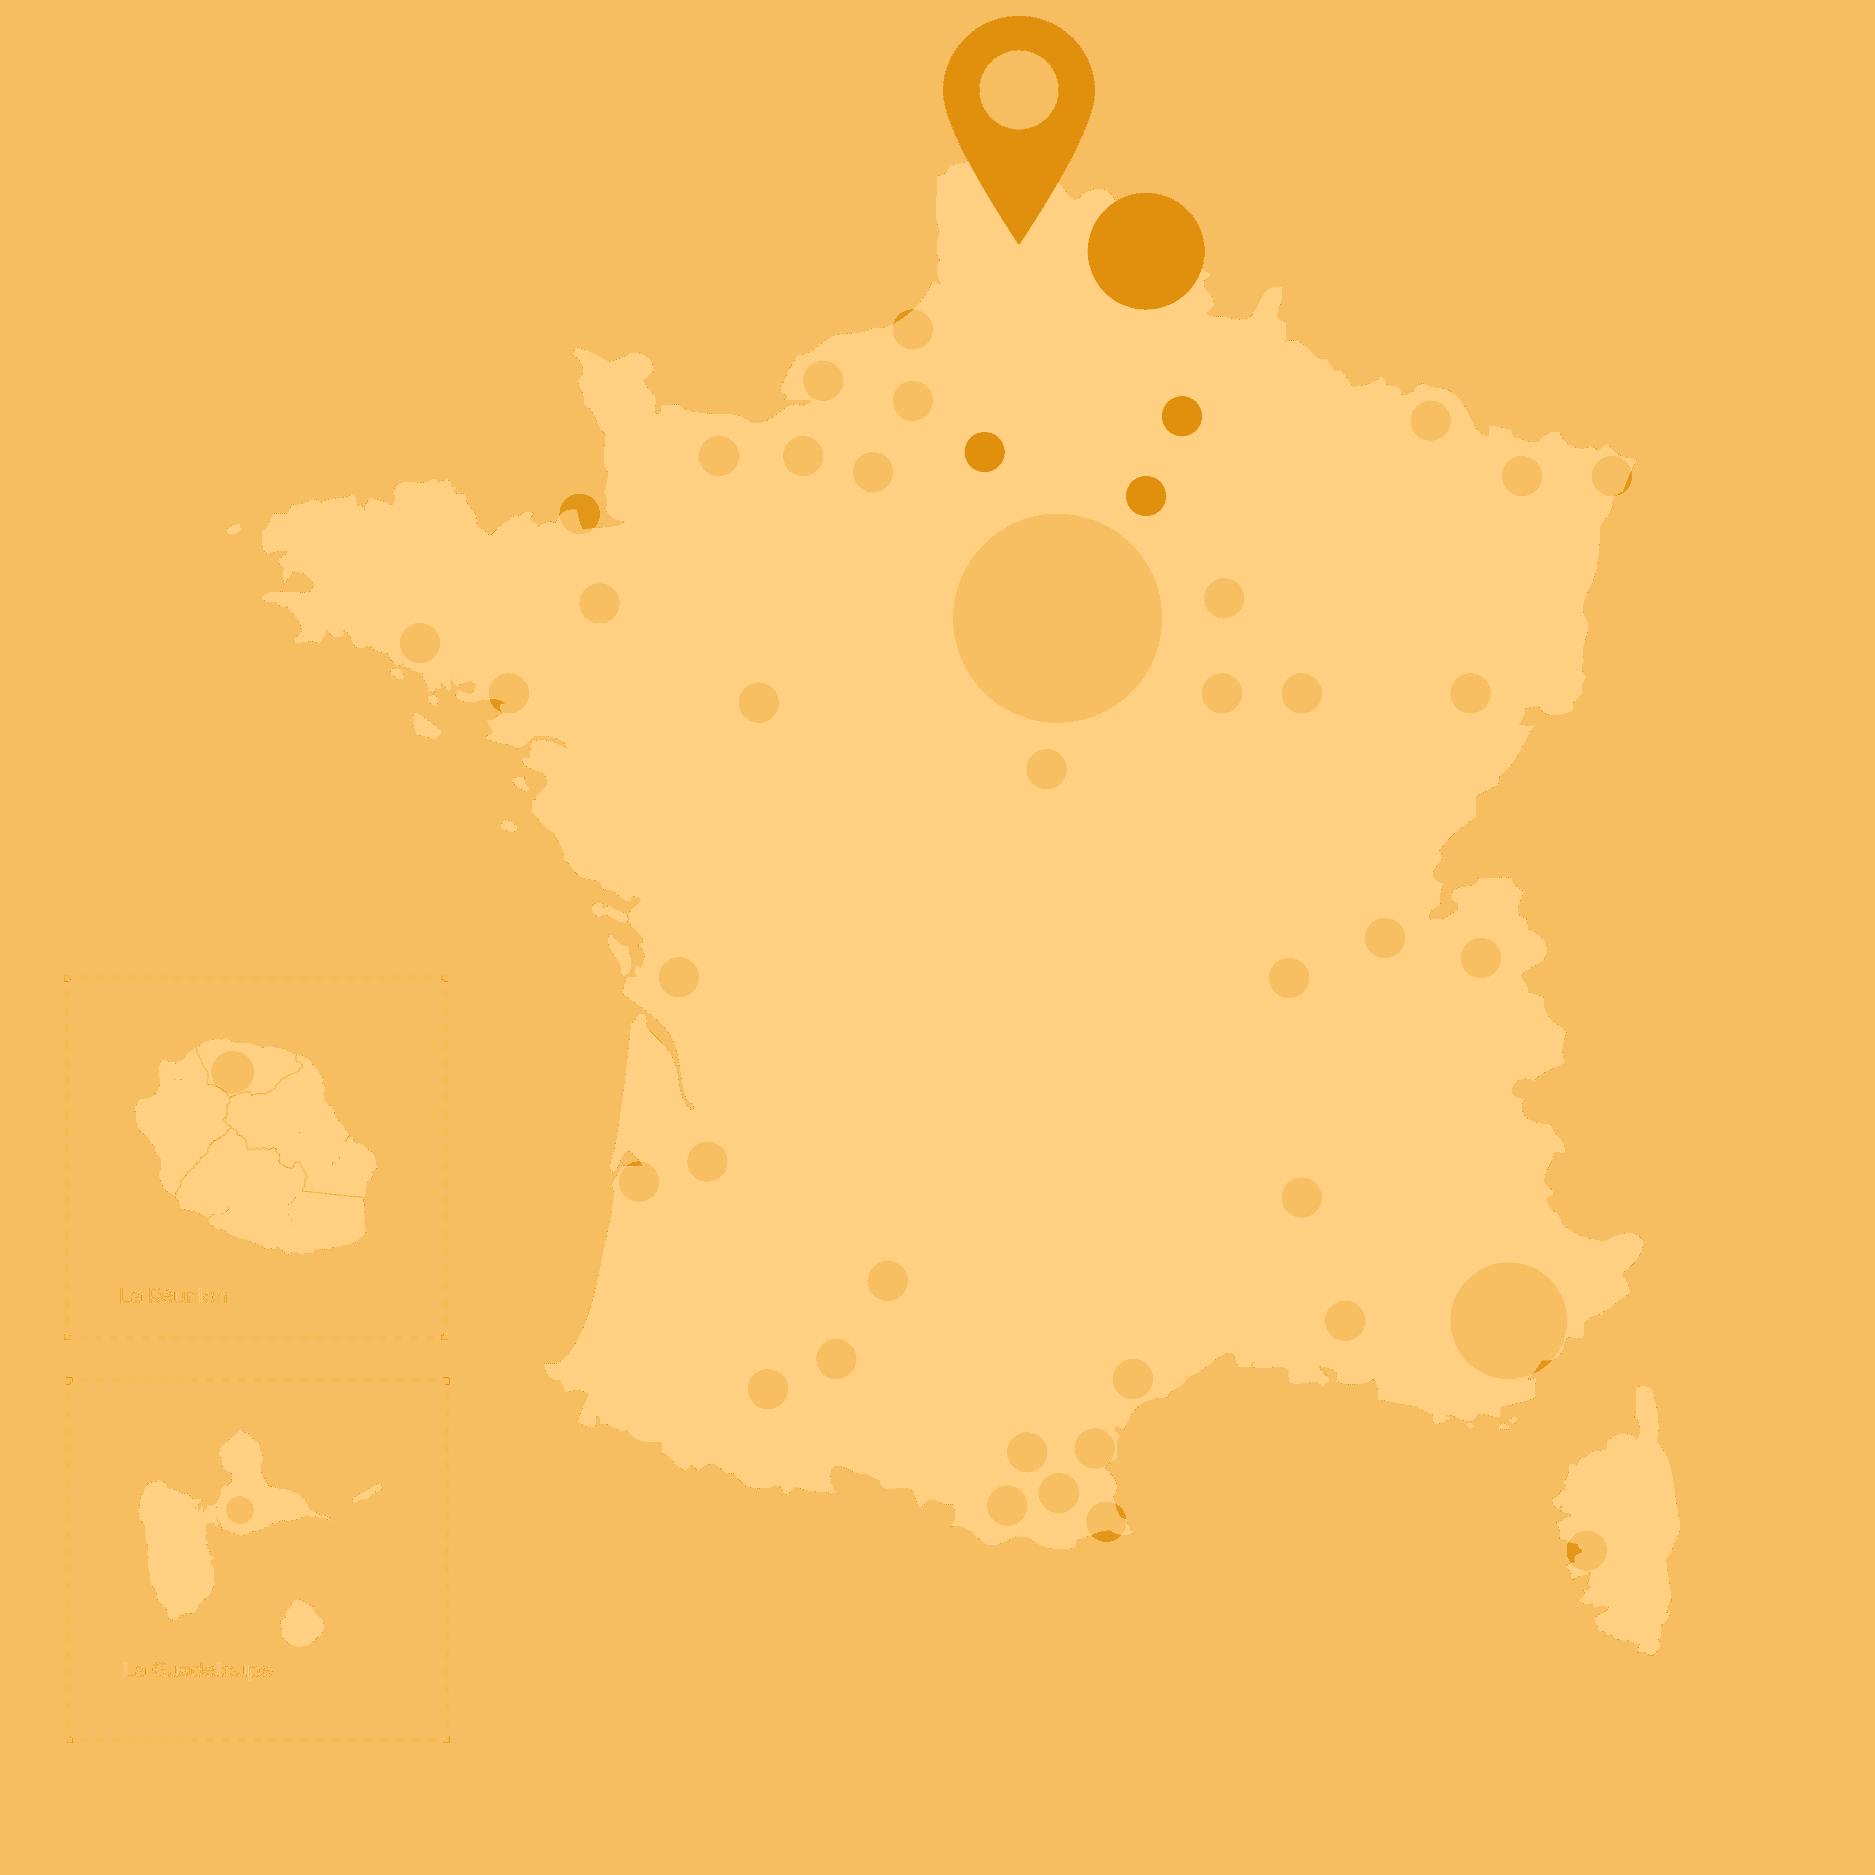 CARTE_TÉMOIGNAGES_Hauts de France_jaune